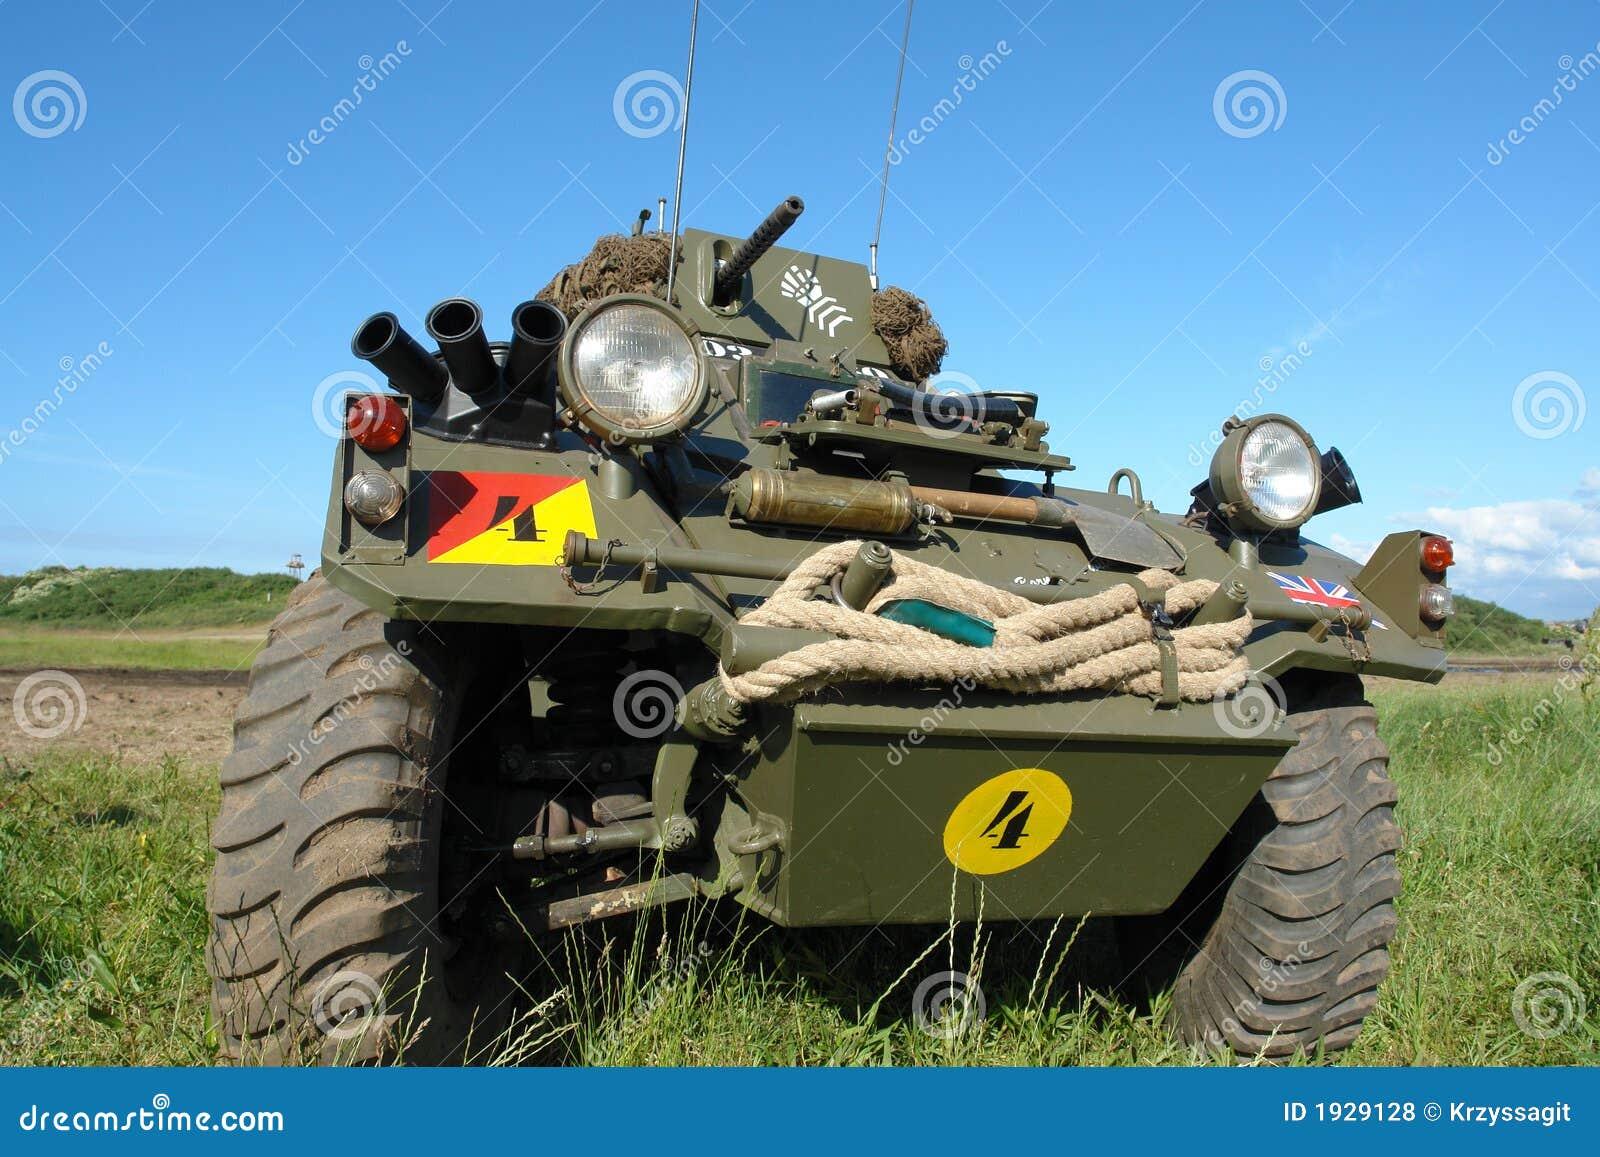 Veicolo militare, vecchio, tipo di WWII.